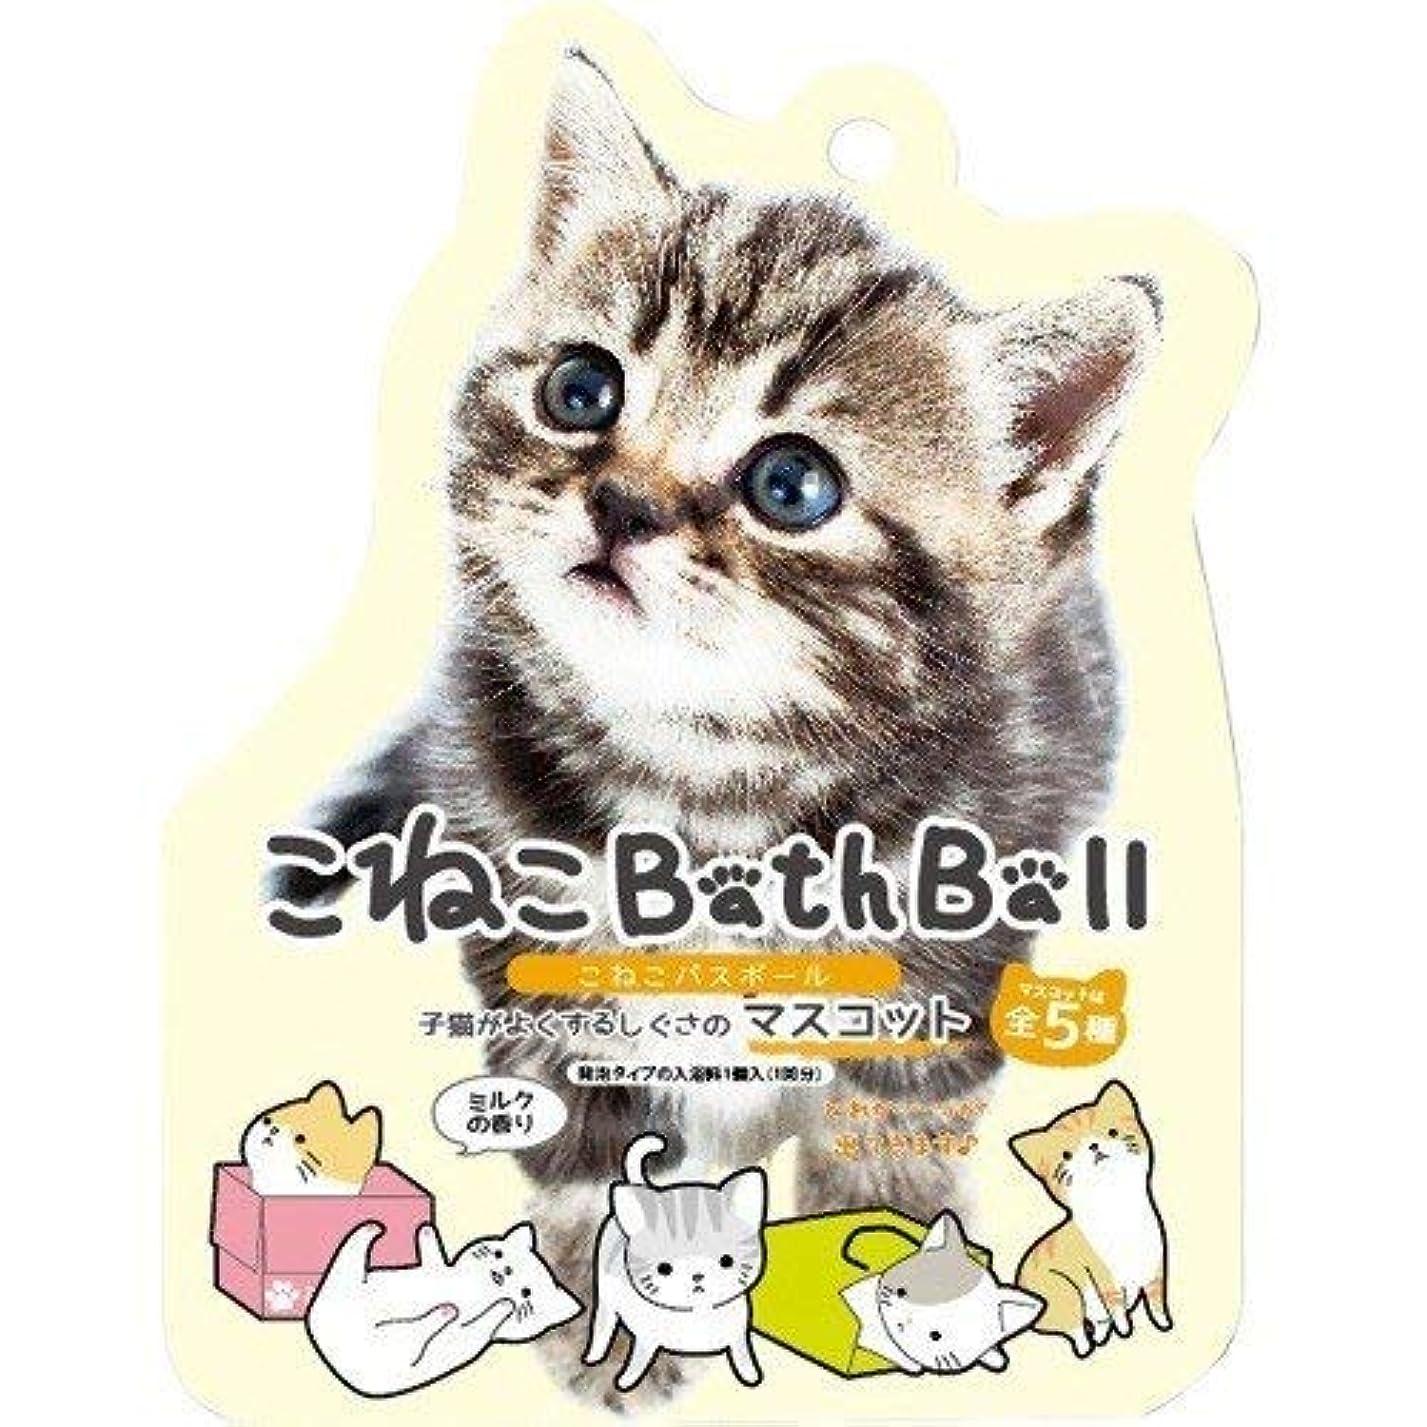 コミットメントフクロウ鉄道子ねこ バスボール マスコット入り 6個1セット 子猫 こねこ フィギュア入り 入浴剤